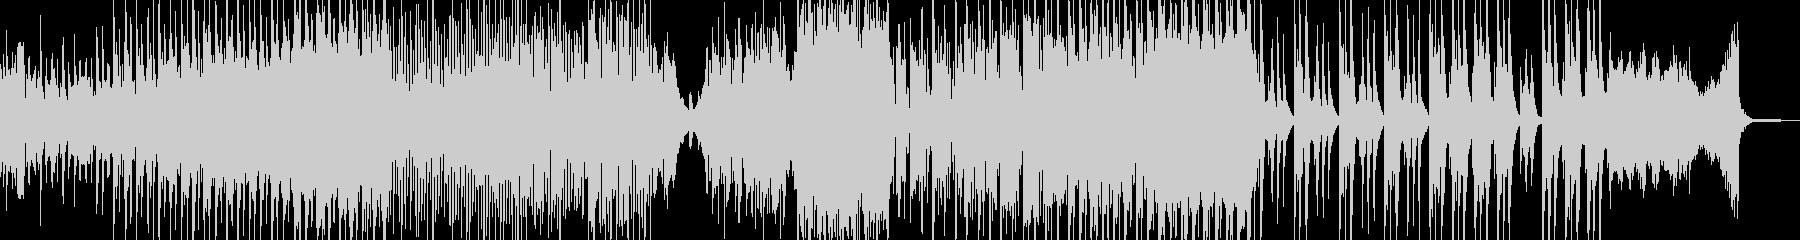 ホラー・怪談シーンに適したBGM 短尺の未再生の波形